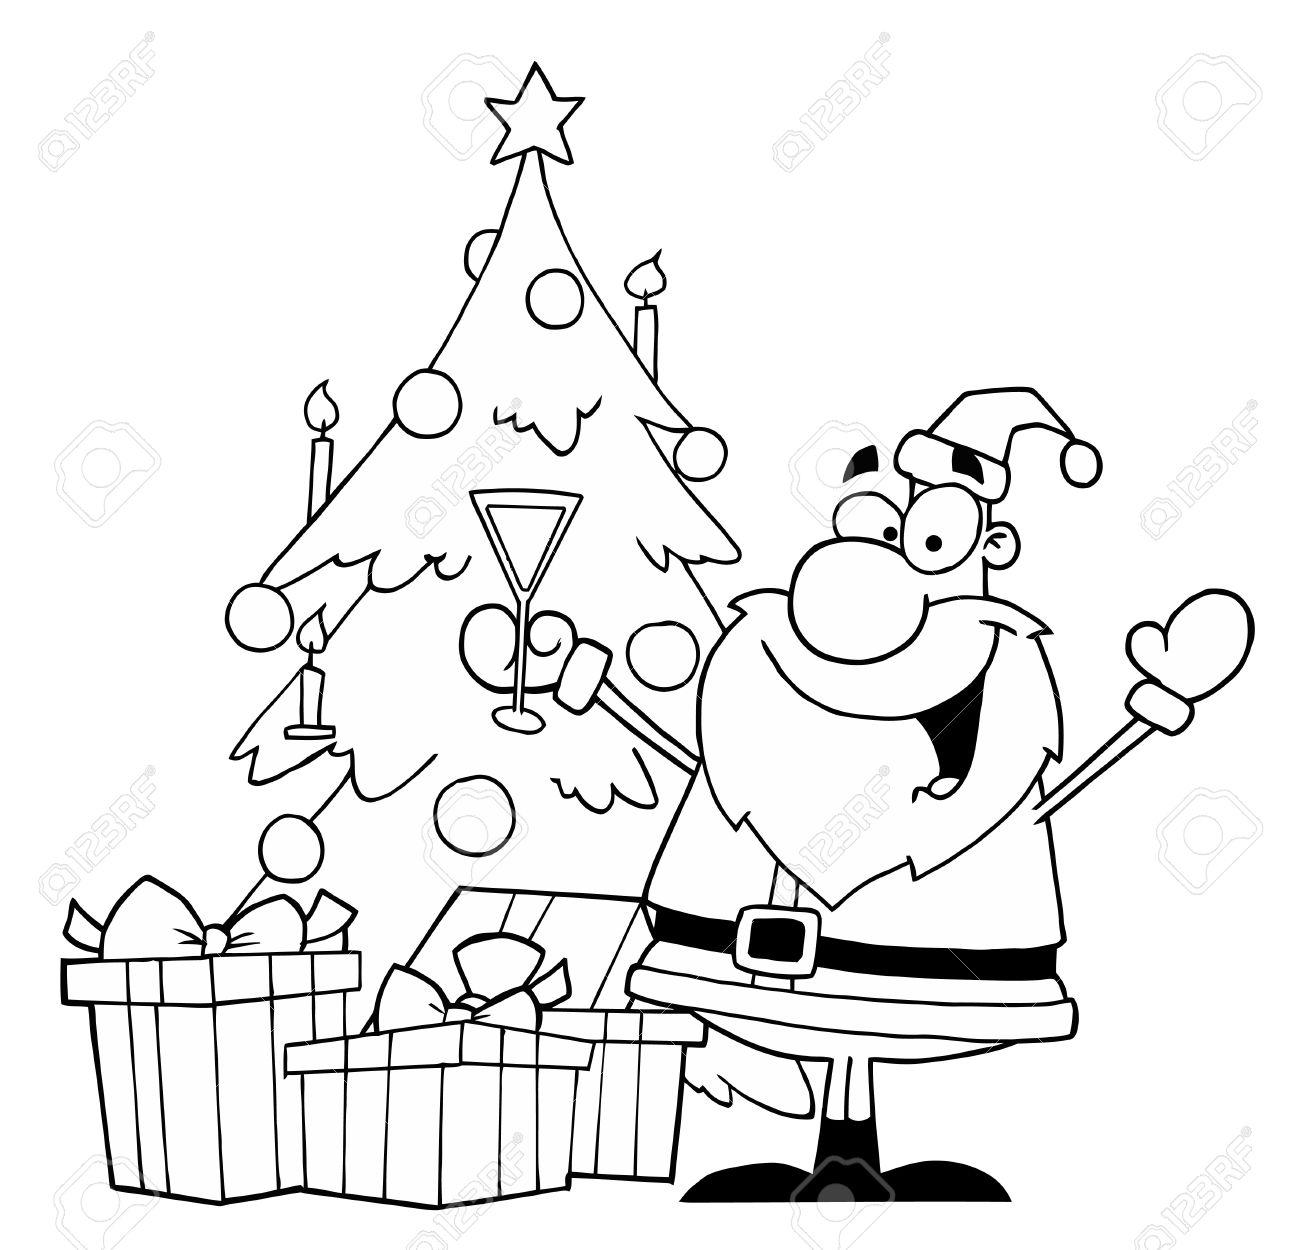 Dibujos Para Colorear Peppa Pig Navidad